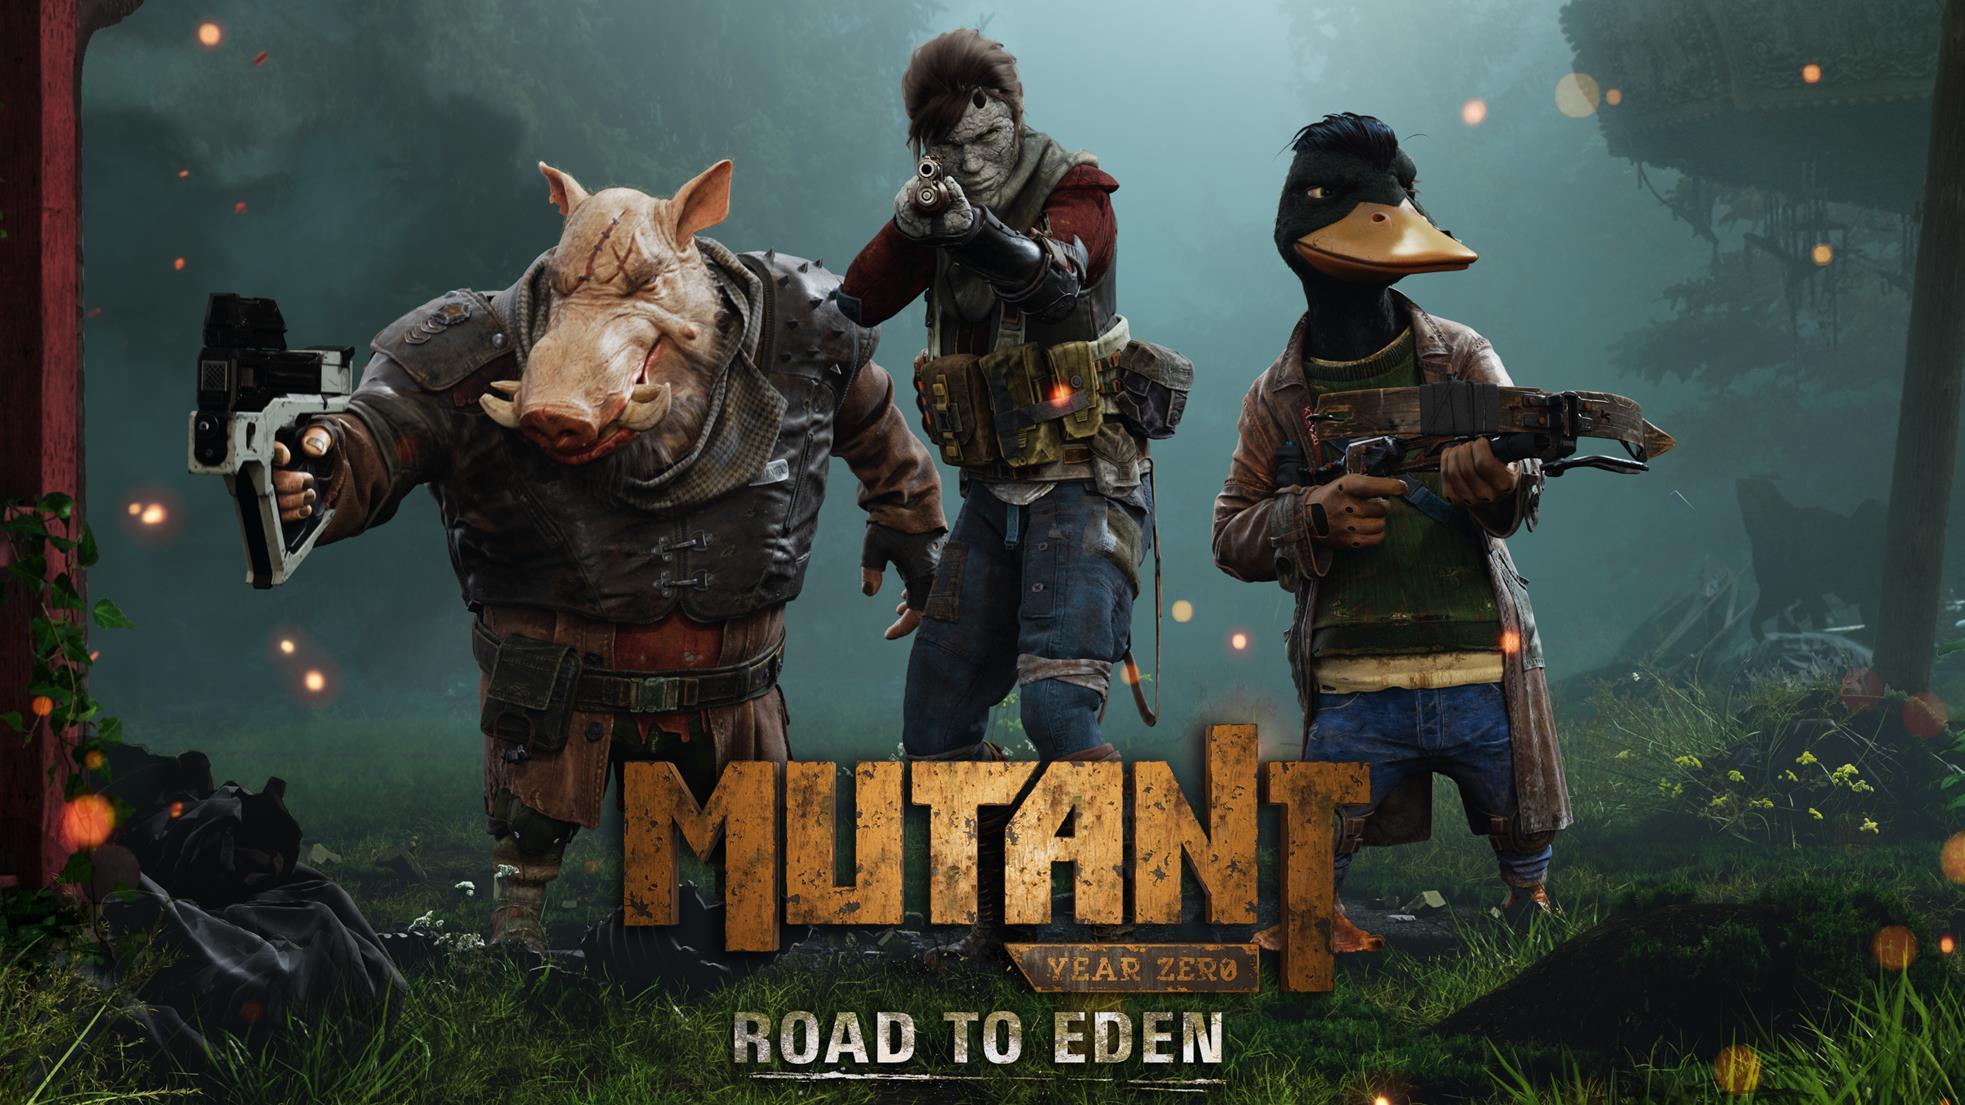 Mutant Year Zero: Road to Eden ya está disponible y nos trae su tráiler de lanzamiento